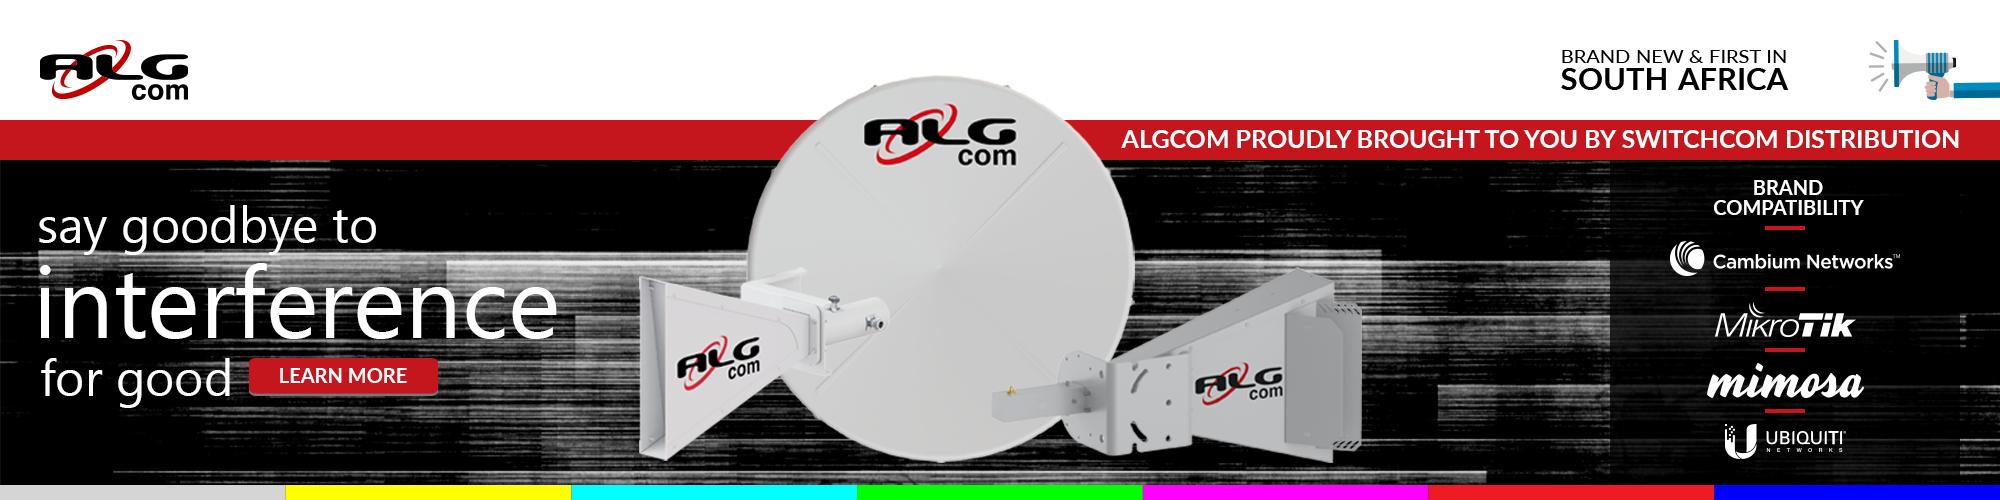 ALGcom Intro Banner.png